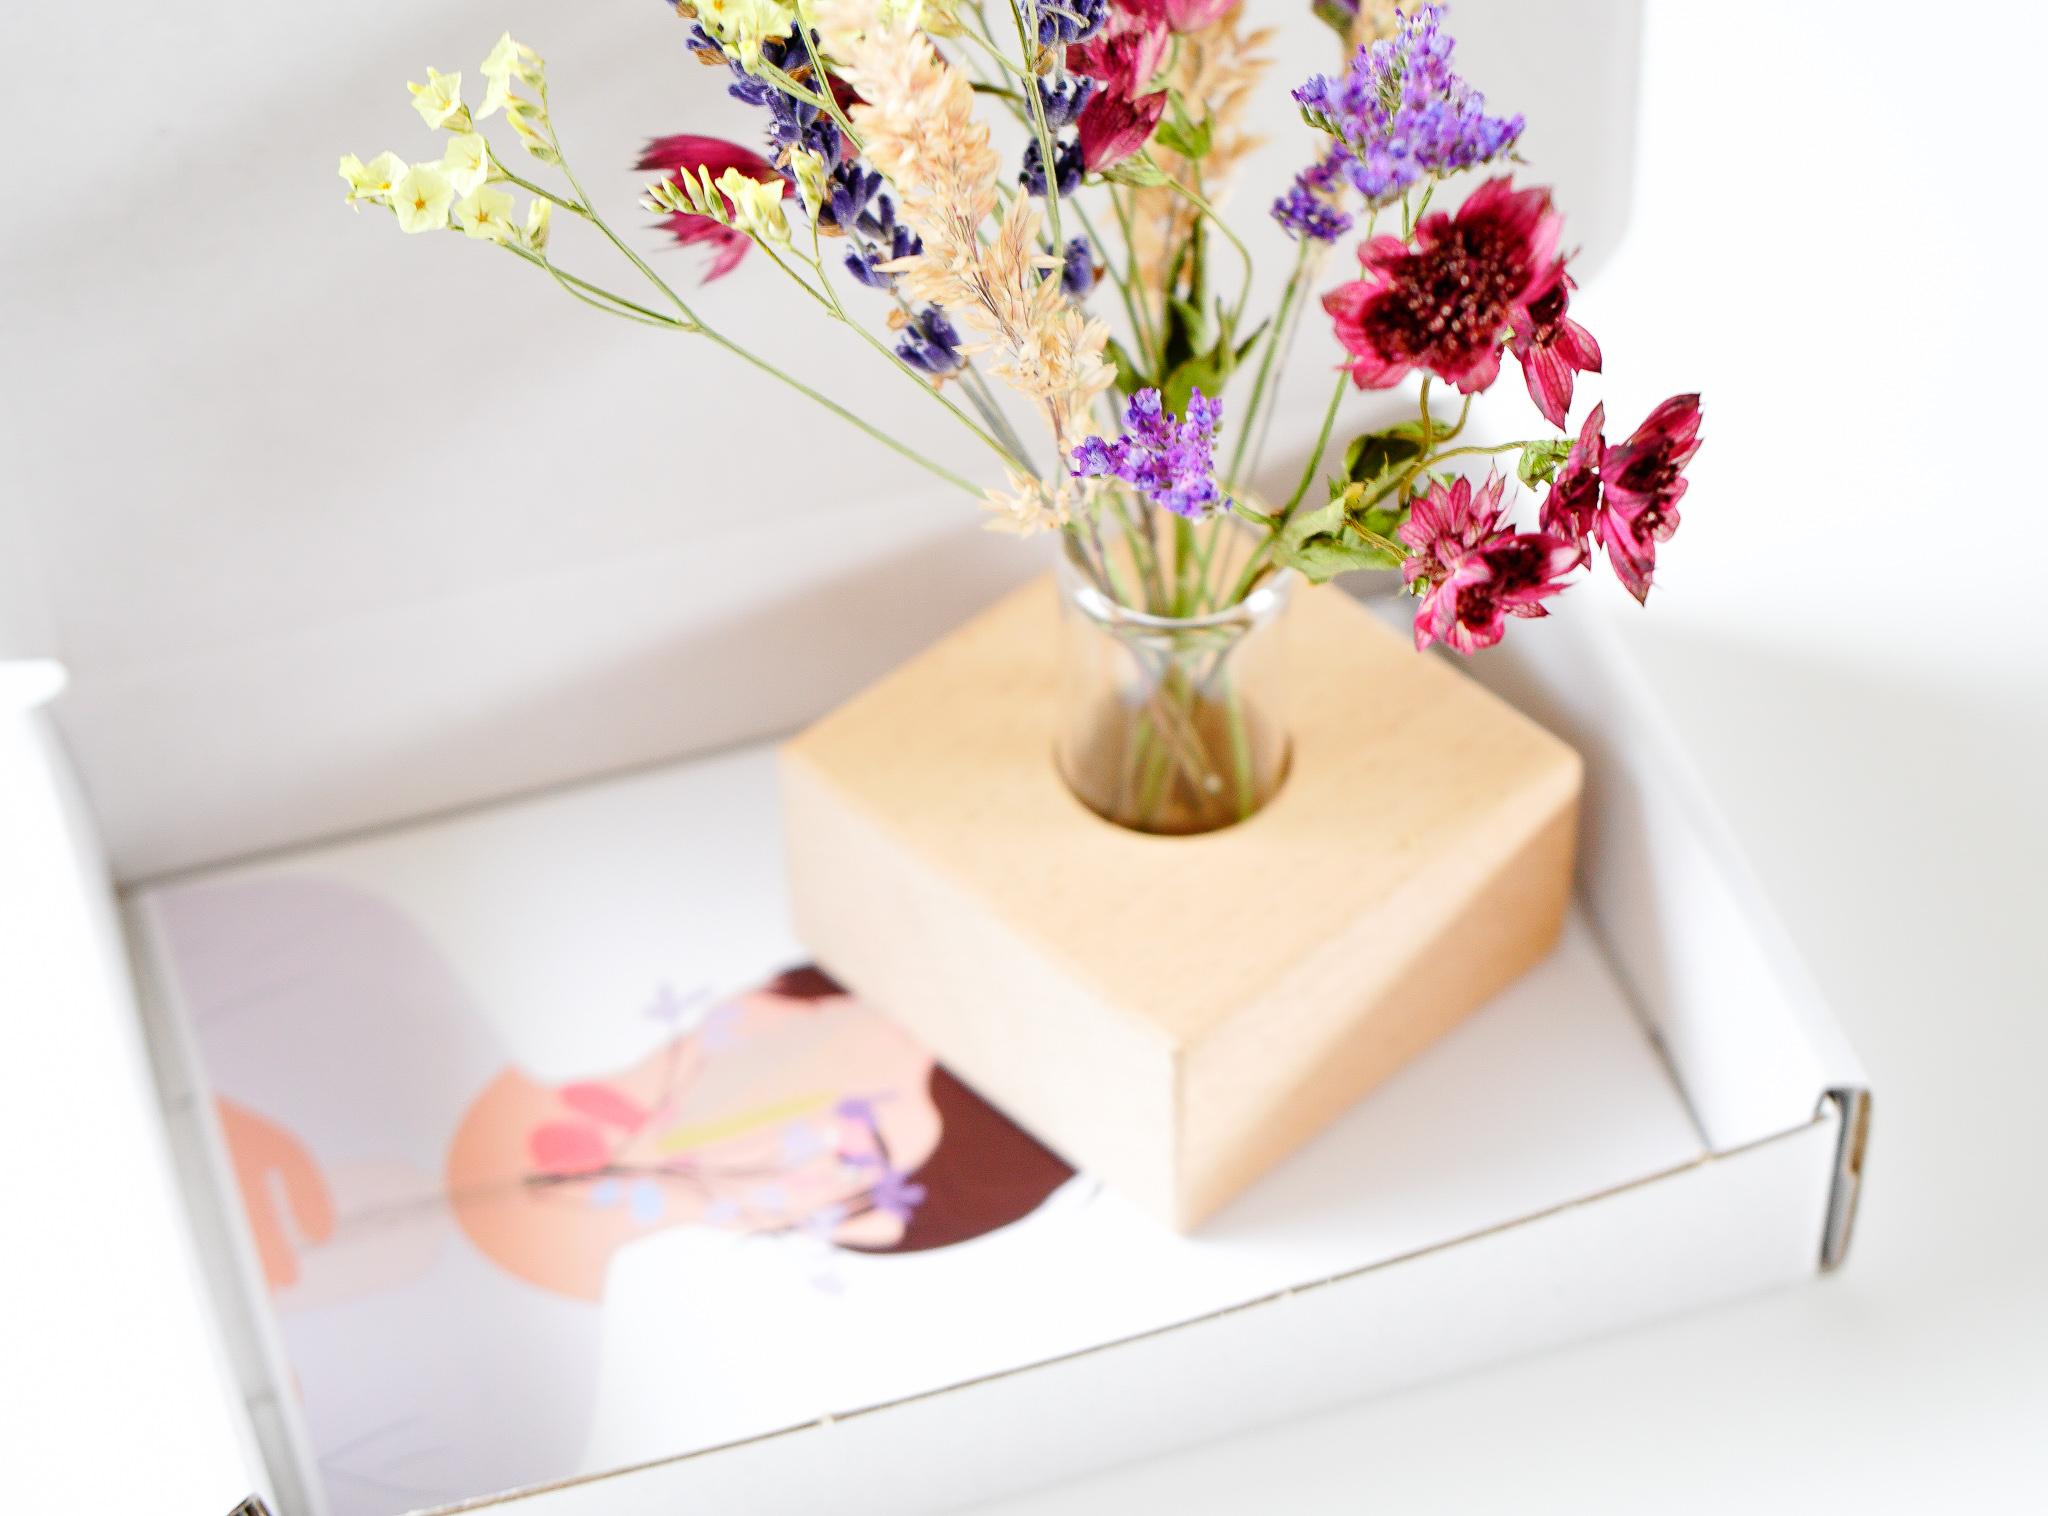 duurzaam brievenbus geschenk droogbloemen met houder in giftbox